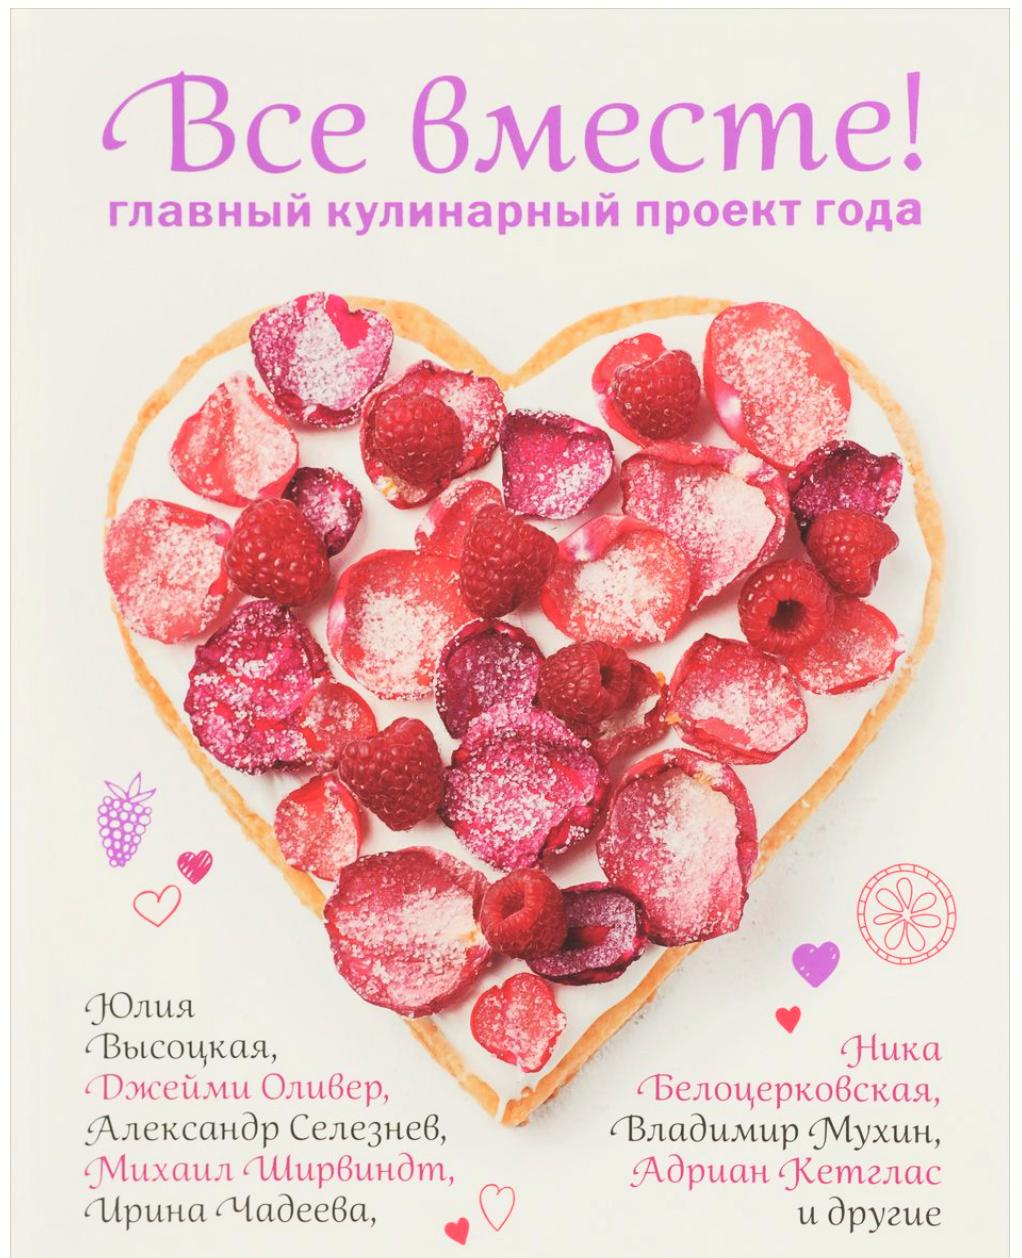 Рецензия – кулинарная книга «Все вместе!»